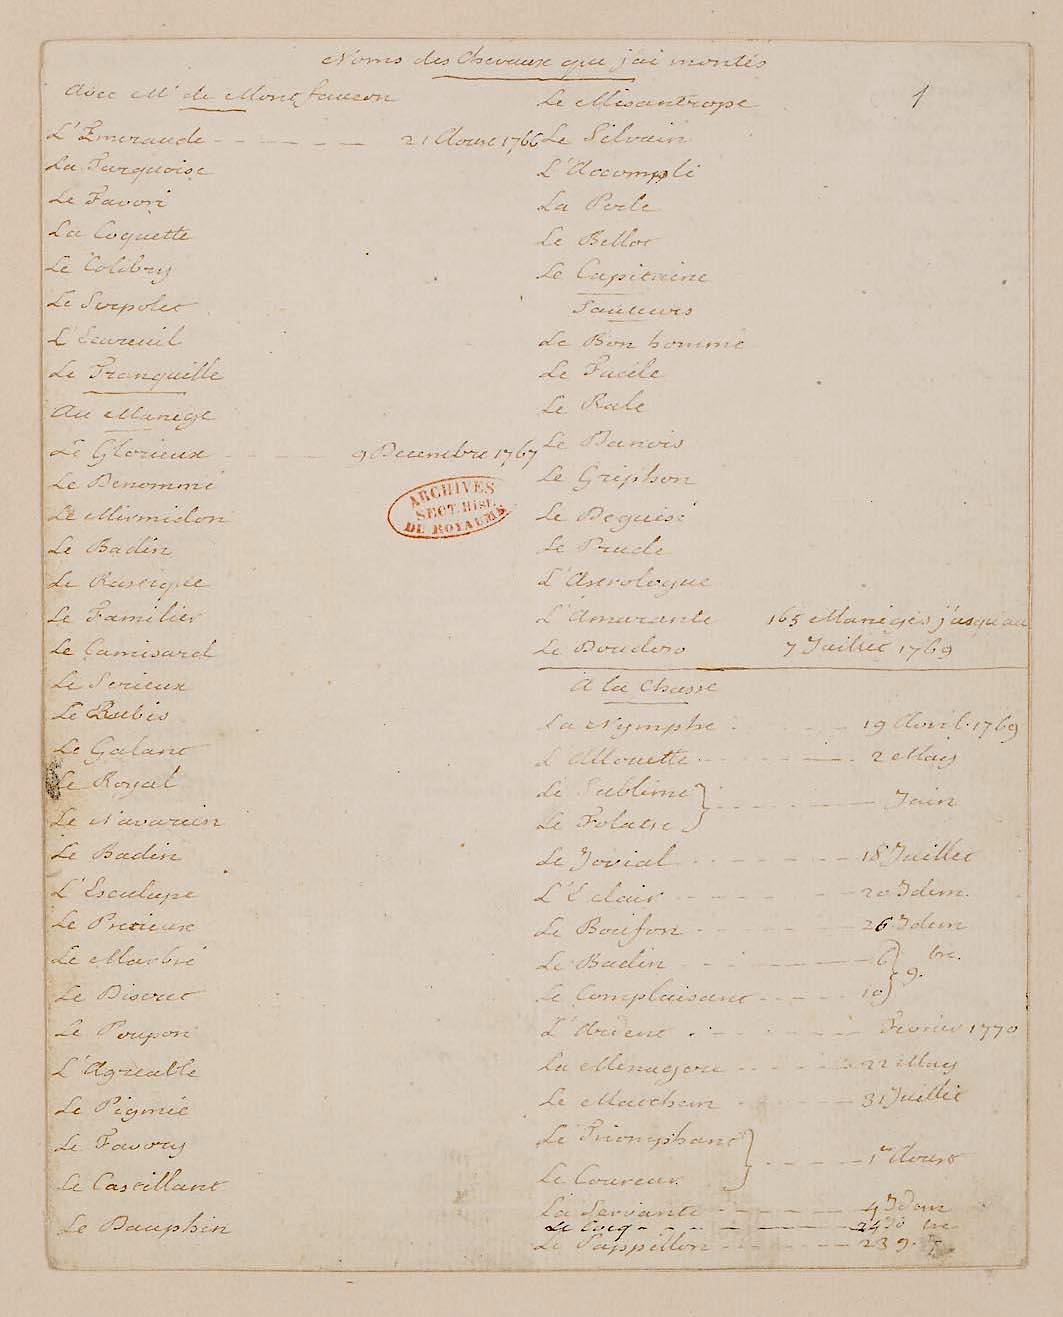 Le Journal du roi Louis XVI et ses Reflexions sur ses entretiens avec Mr le Duc de la Vauguyon Dafanc33